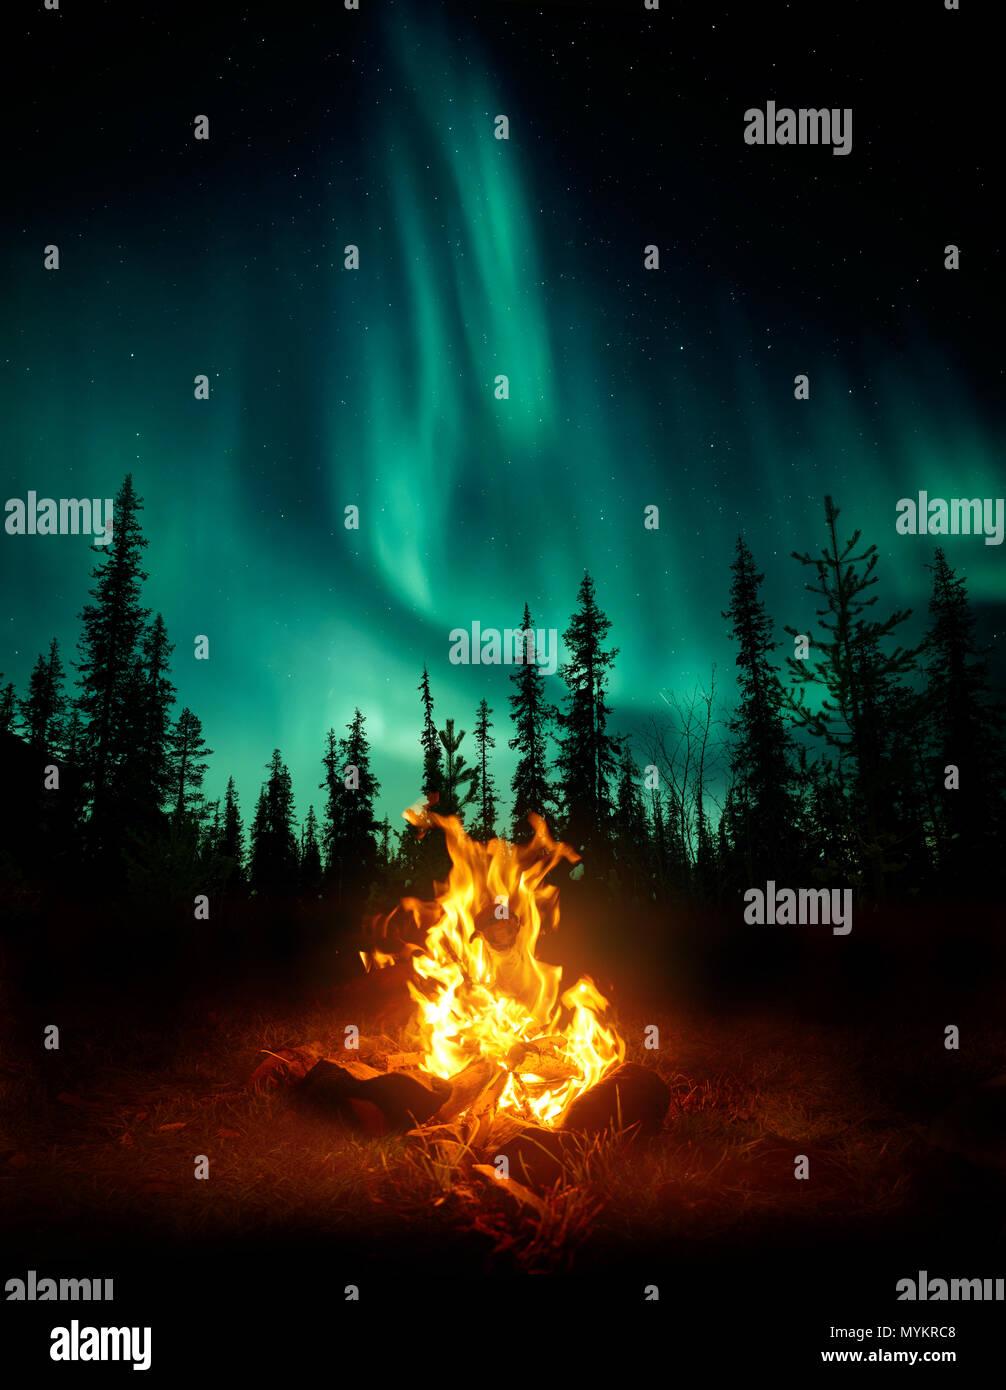 Eine warme und gemütliche Lagerfeuer in der Wildnis mit Wald Bäume im Hintergrund und die Sterne und Nordlichter (Aurora Borealis) lightin Silhouette Stockbild